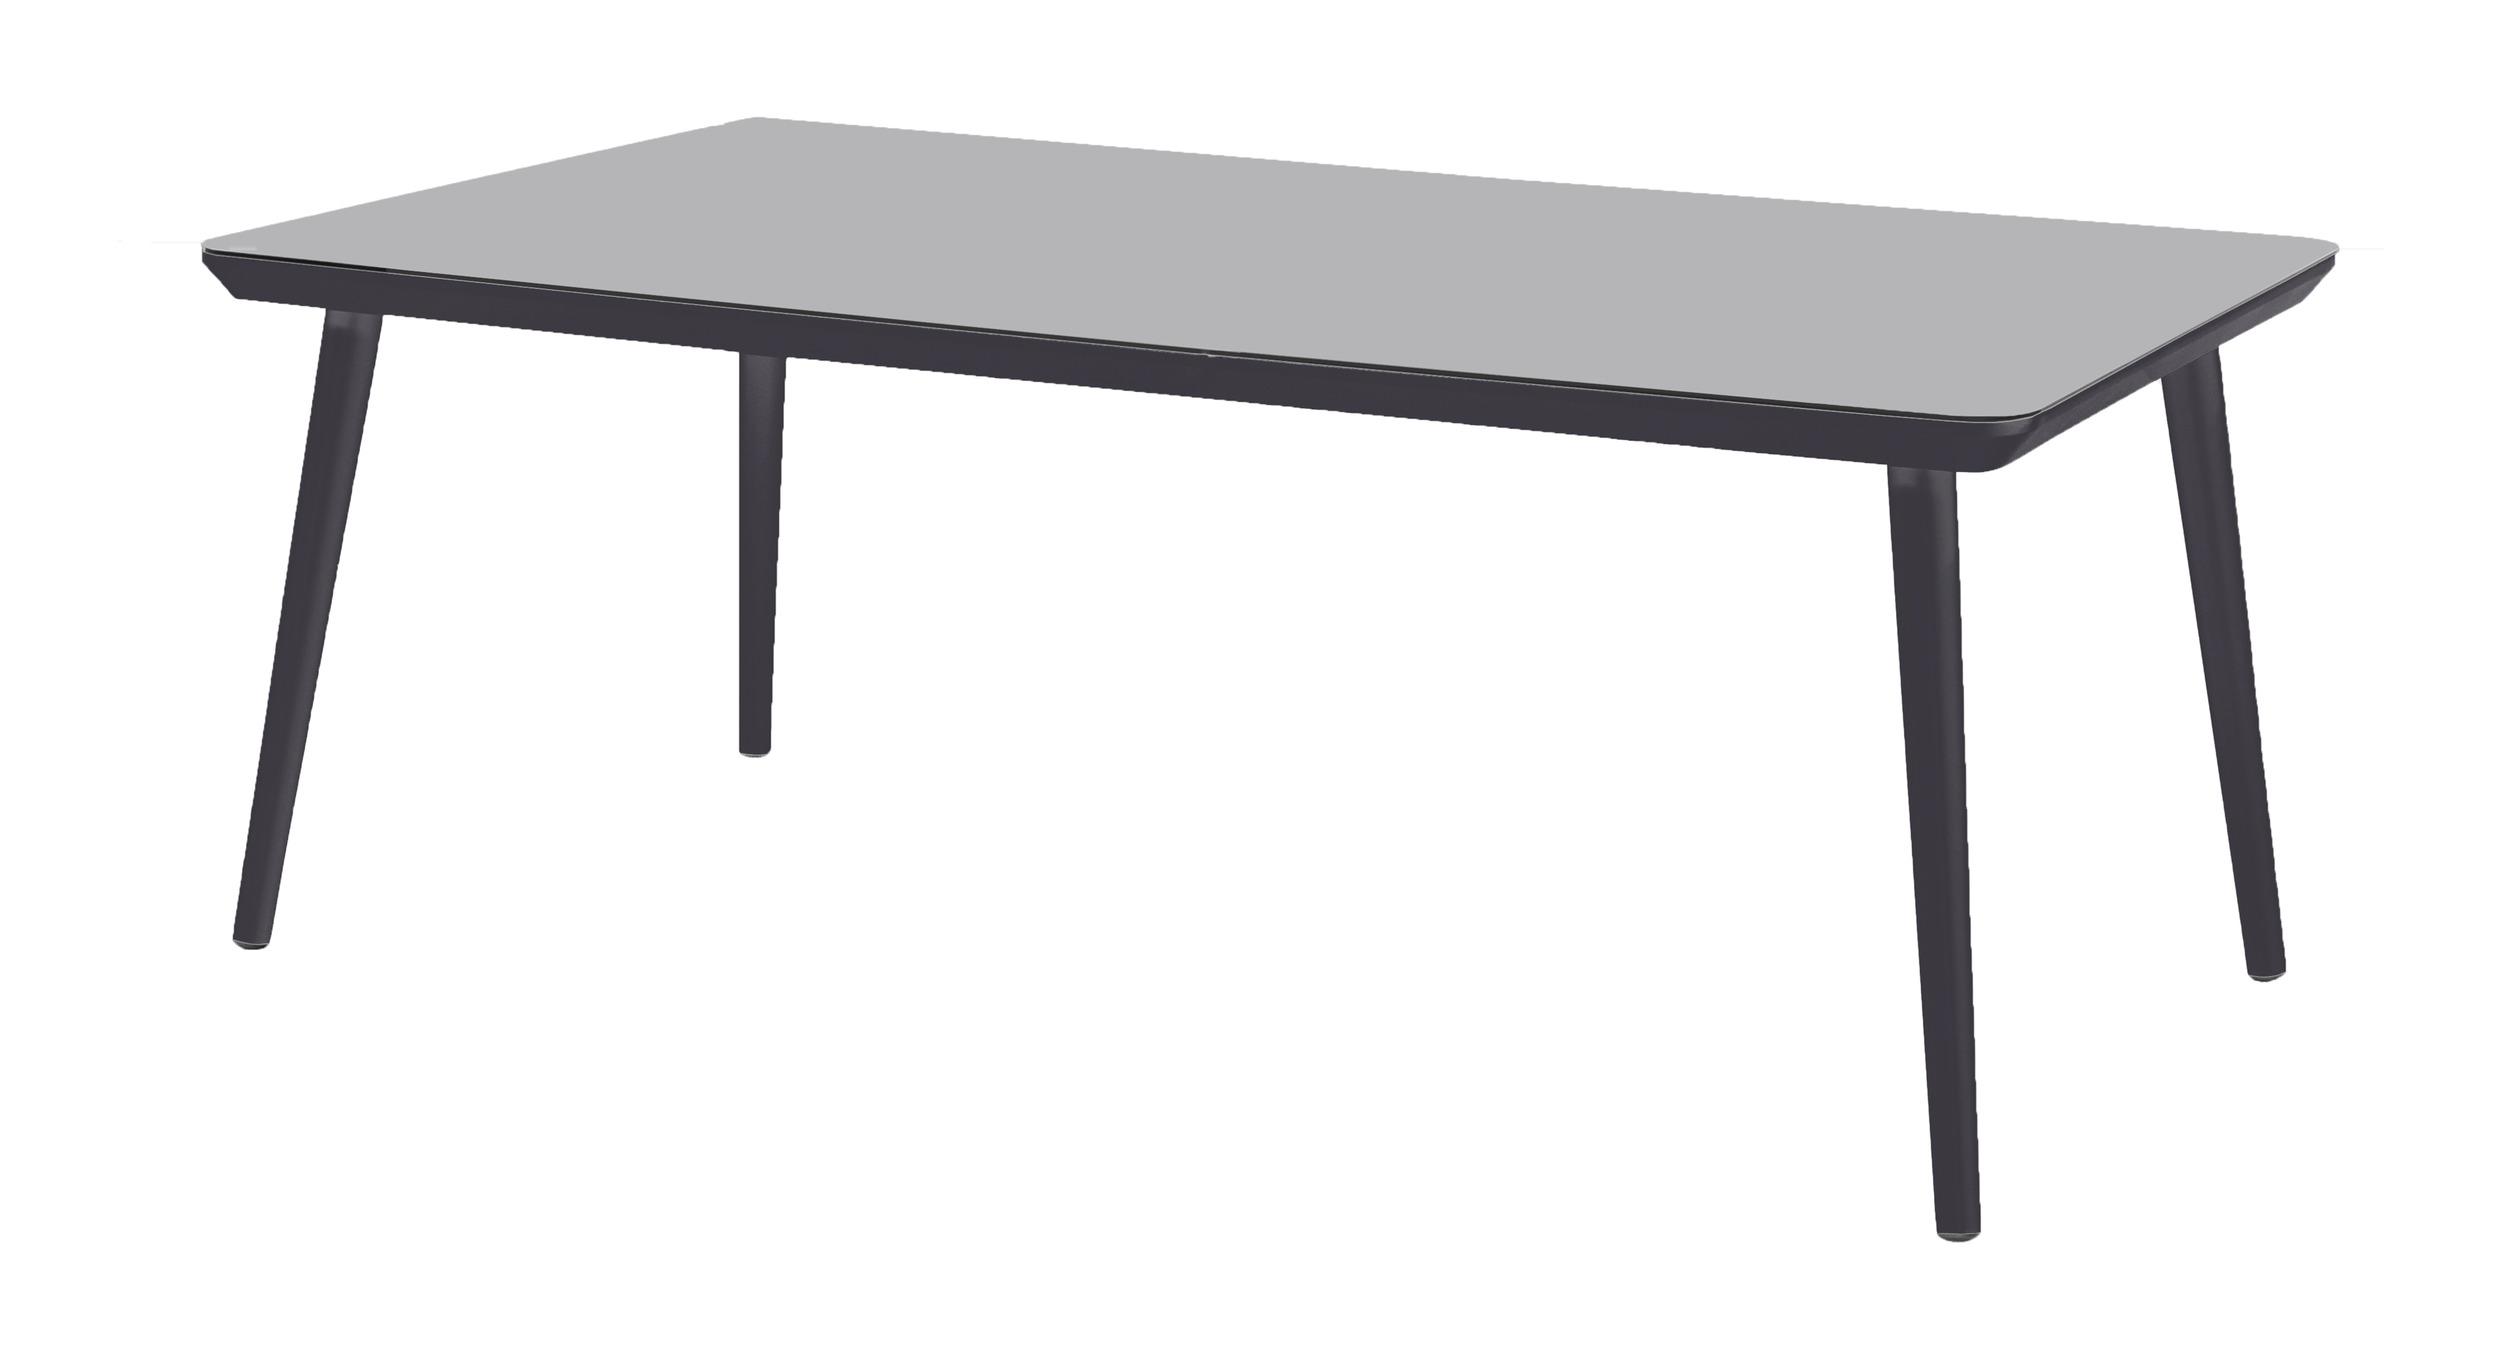 Hartman Tuintafel 'Sophie Studio' HPL, 170 x 100cm, kleur Zwart